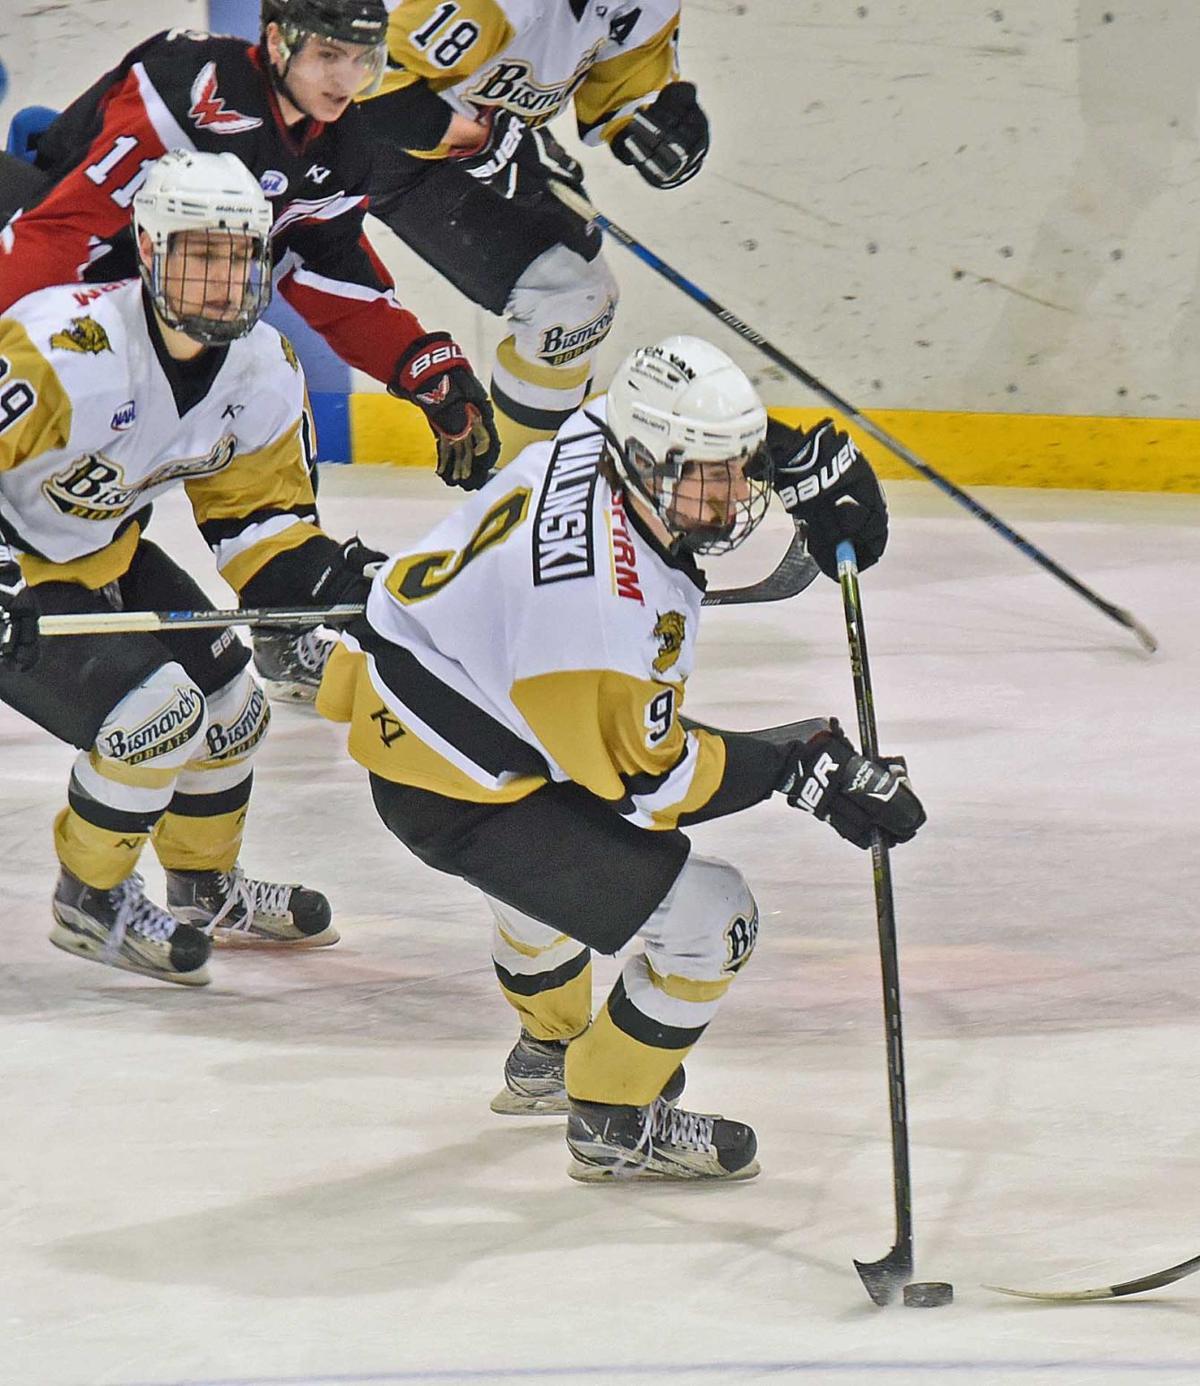 022418-spt-hockey3.jpg